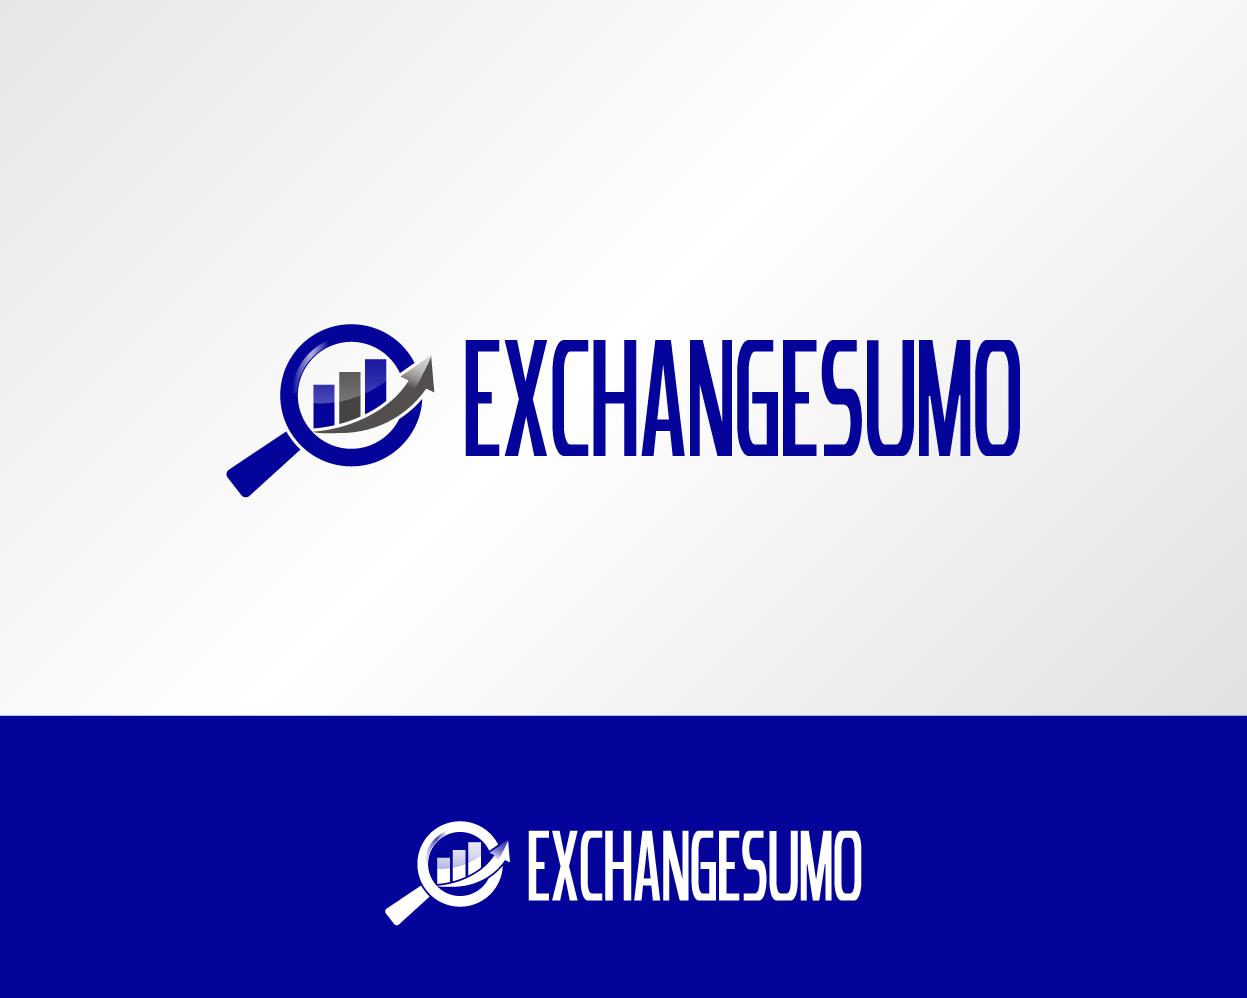 Логотип для мониторинга обменников фото f_5345bae0b7dbe638.png